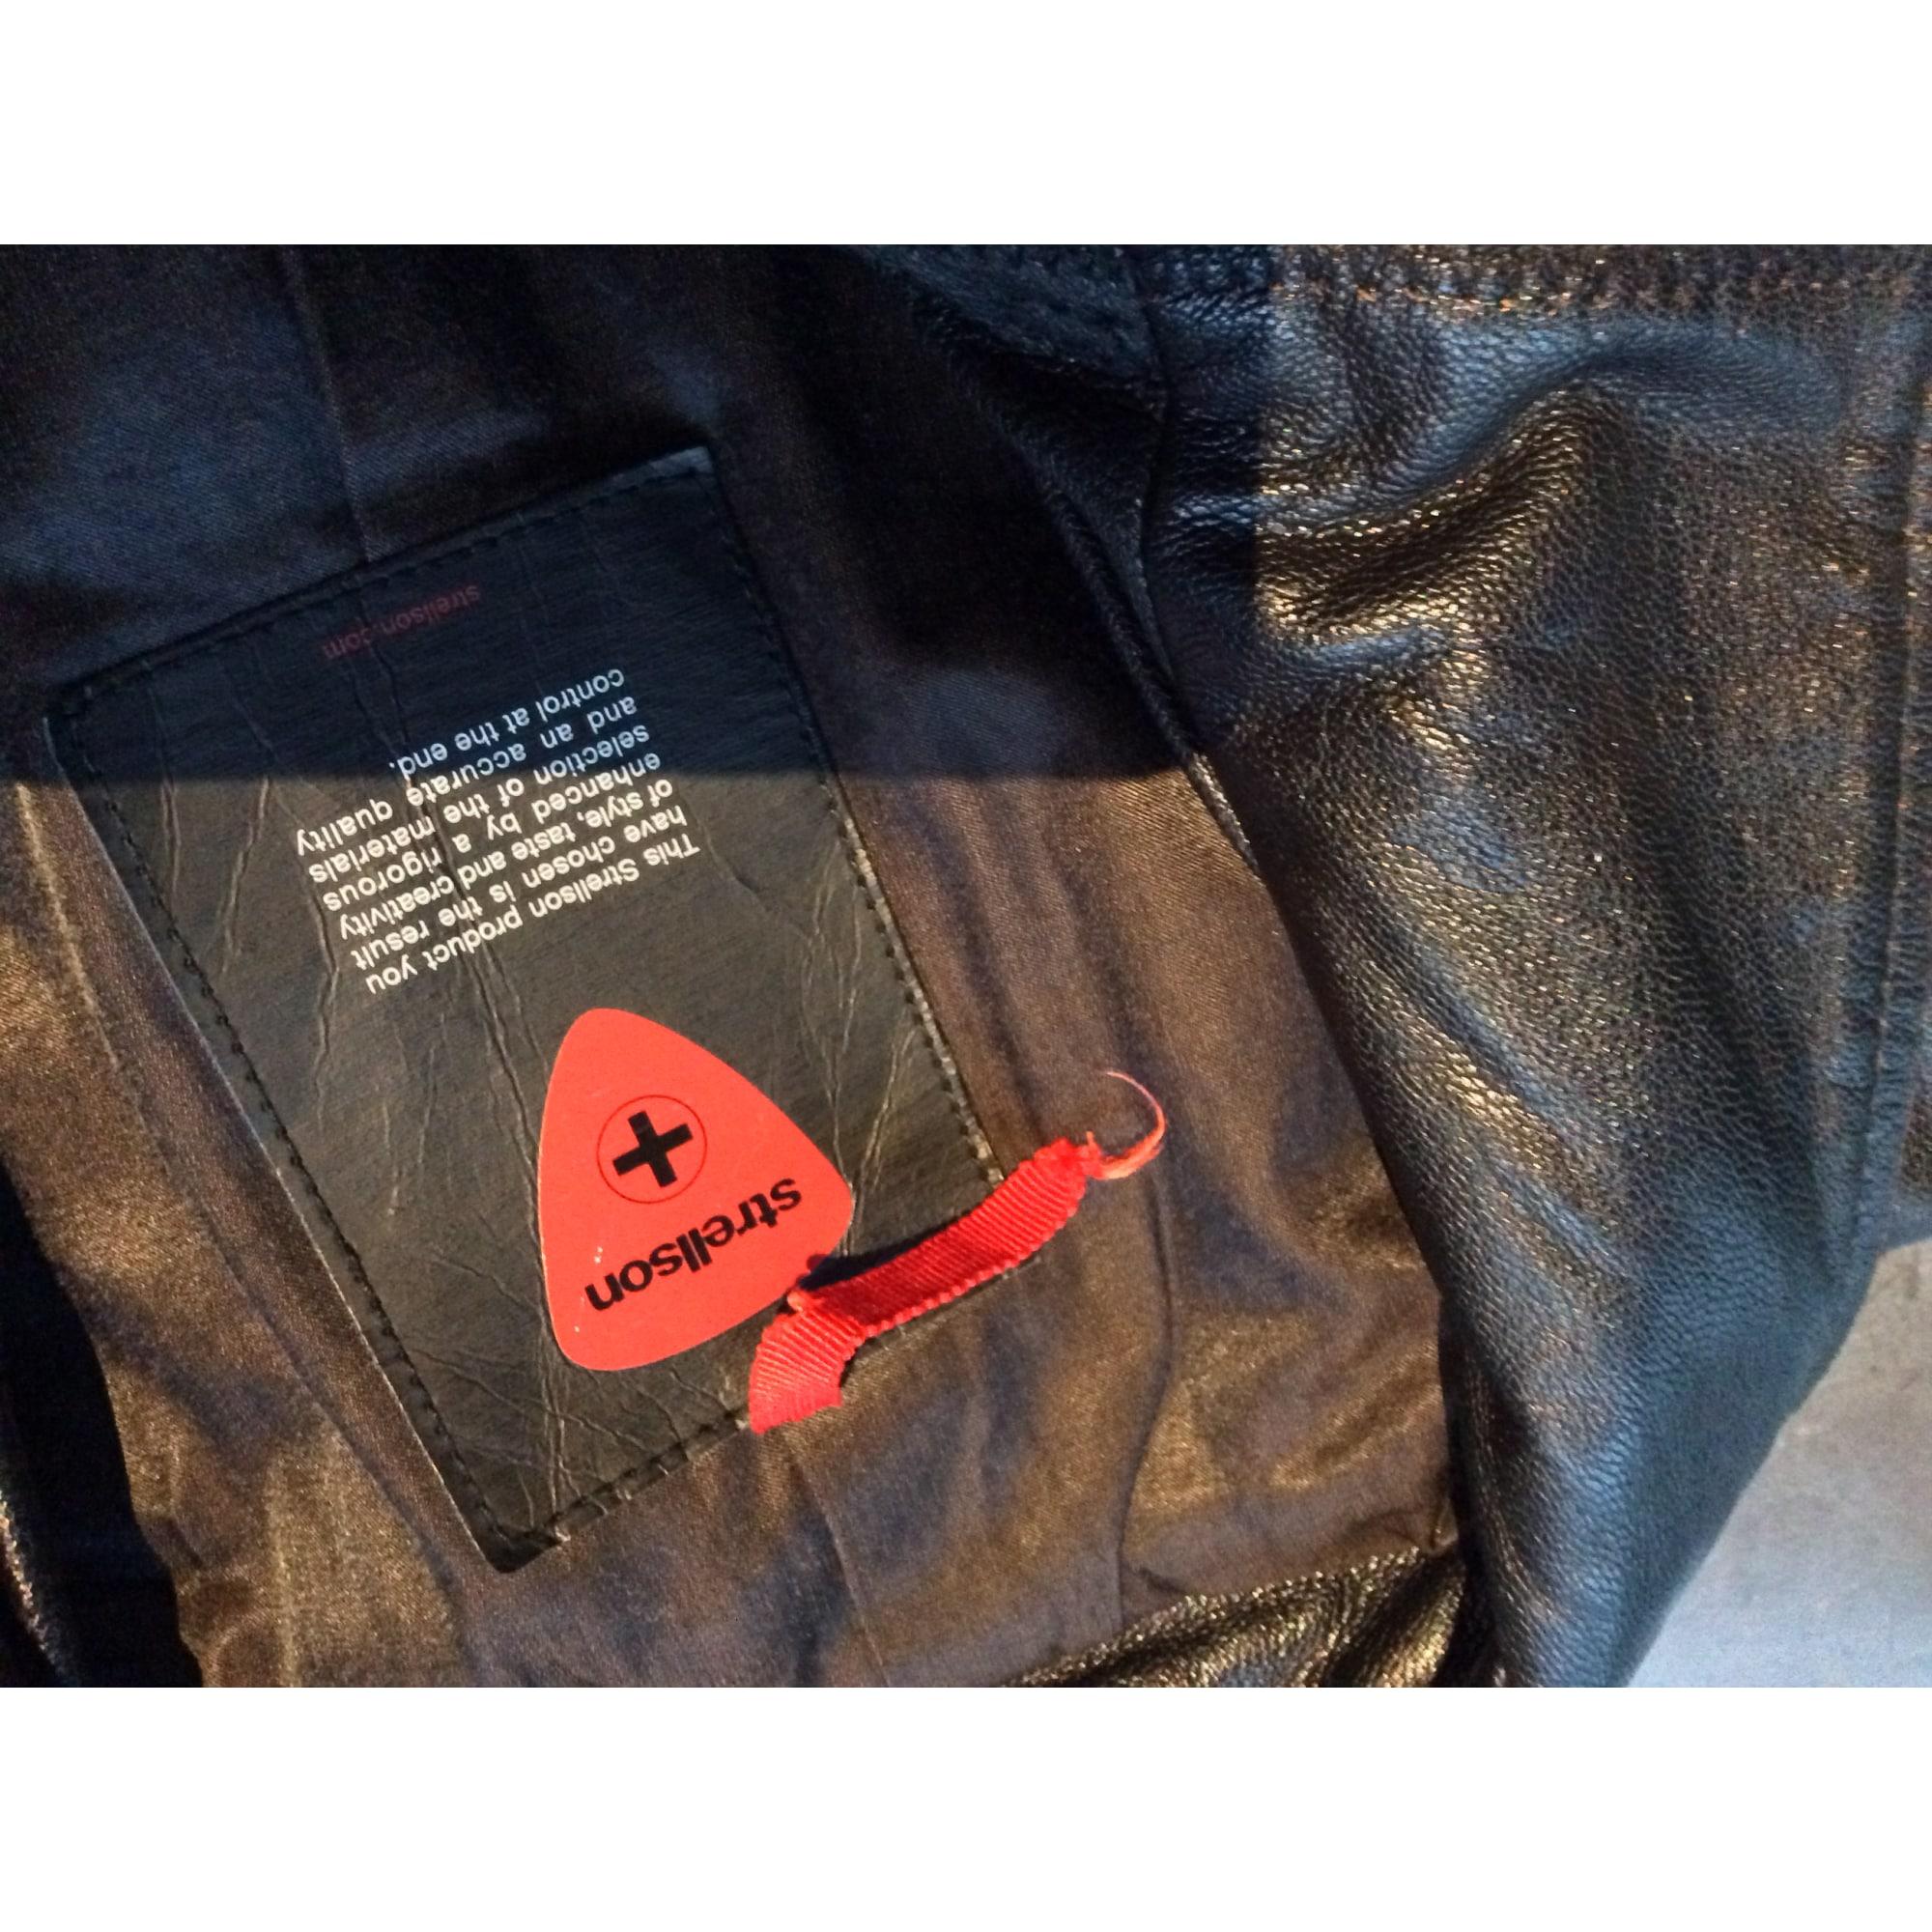 Blouson en cuir STRELLSON 50 (M) noir vendu par Val 8888 - 5609736 42248c0e0acc